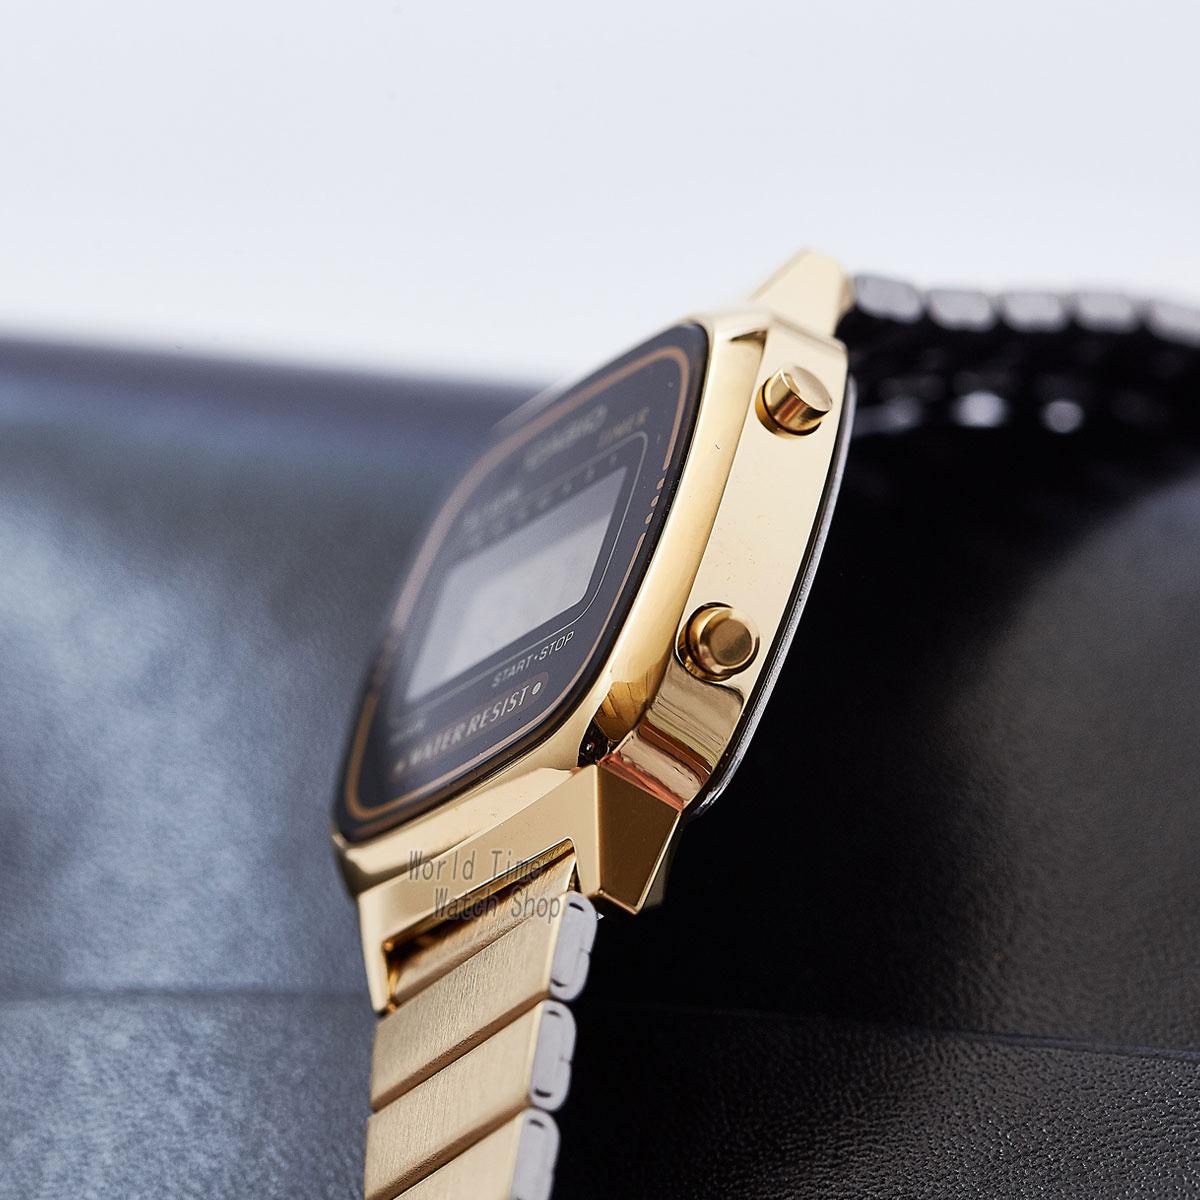 Casio часы золотые женские часы лучший бренд класса люкс водонепроницаемые кварцевые часы женские светодиодные цифровые спортивные женские ... - 2